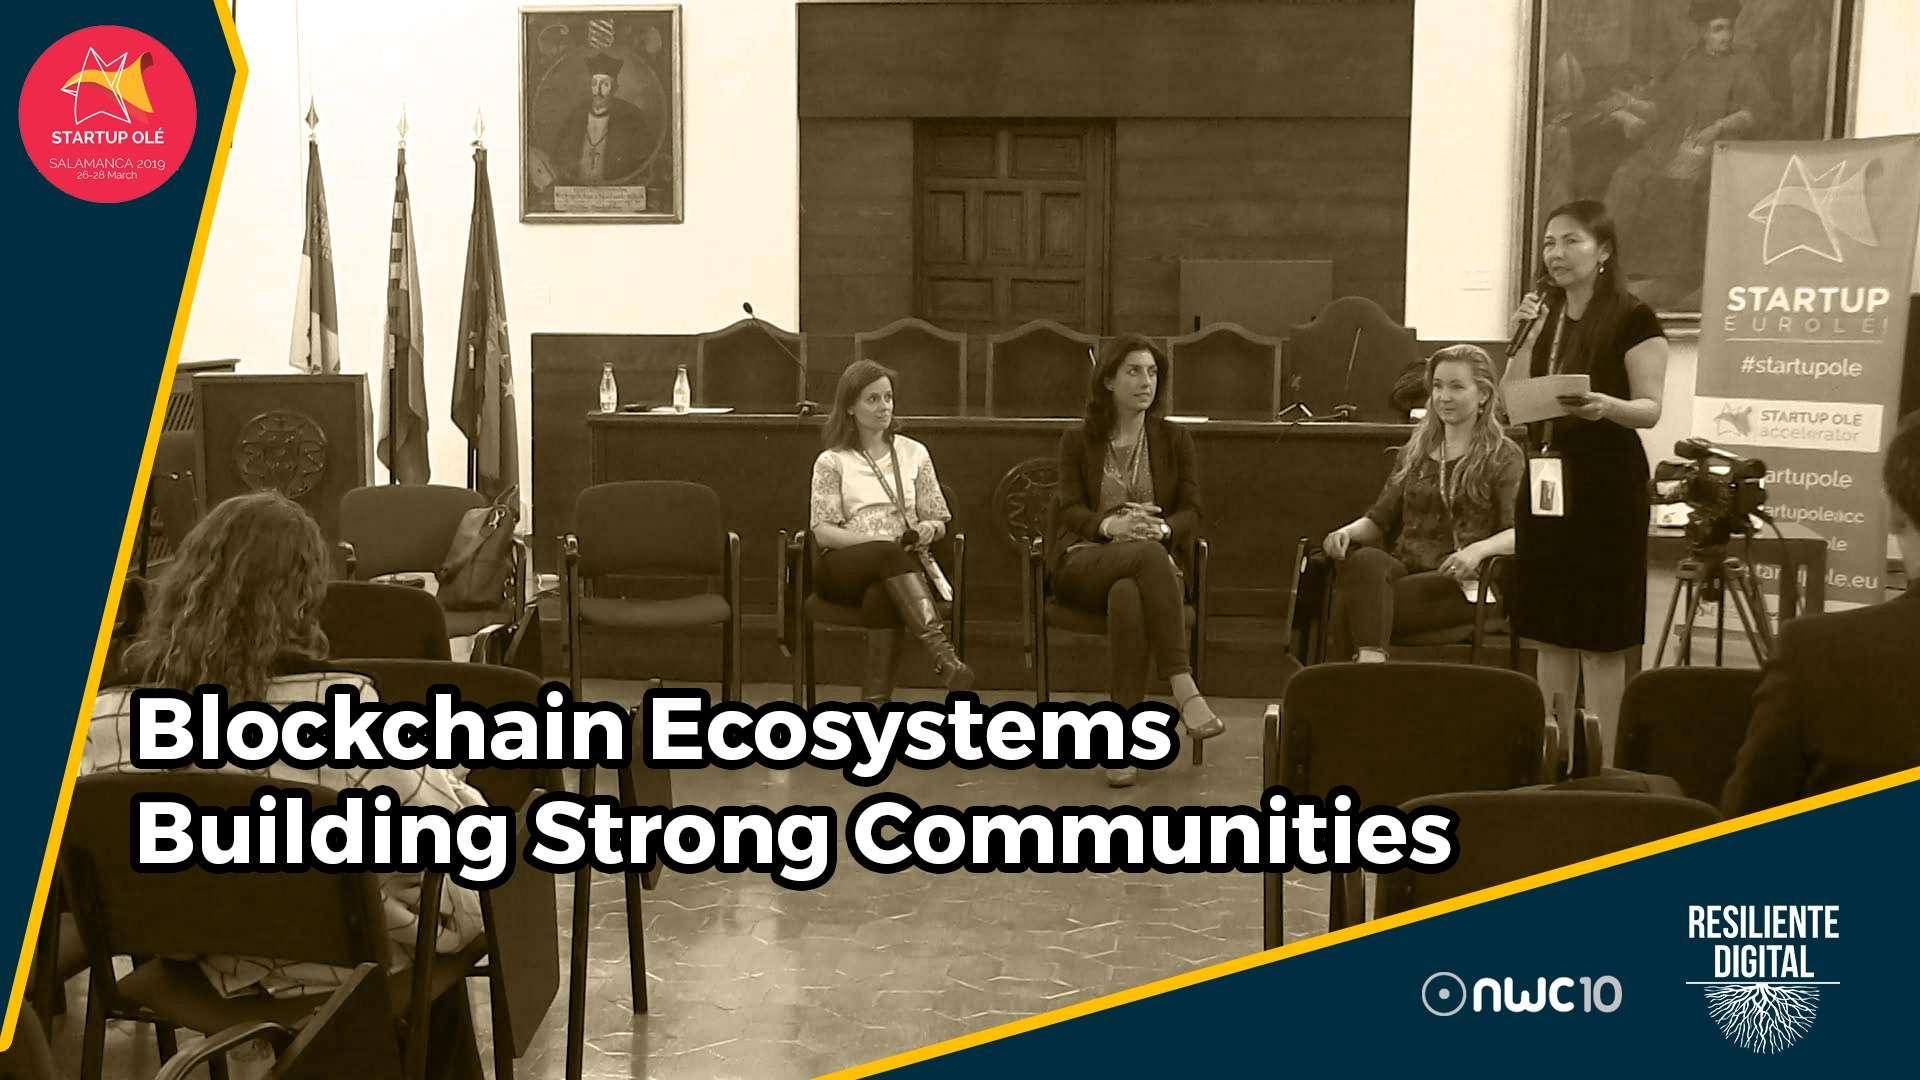 Construyendo comunidades fuertes en el ecosistema blockchain